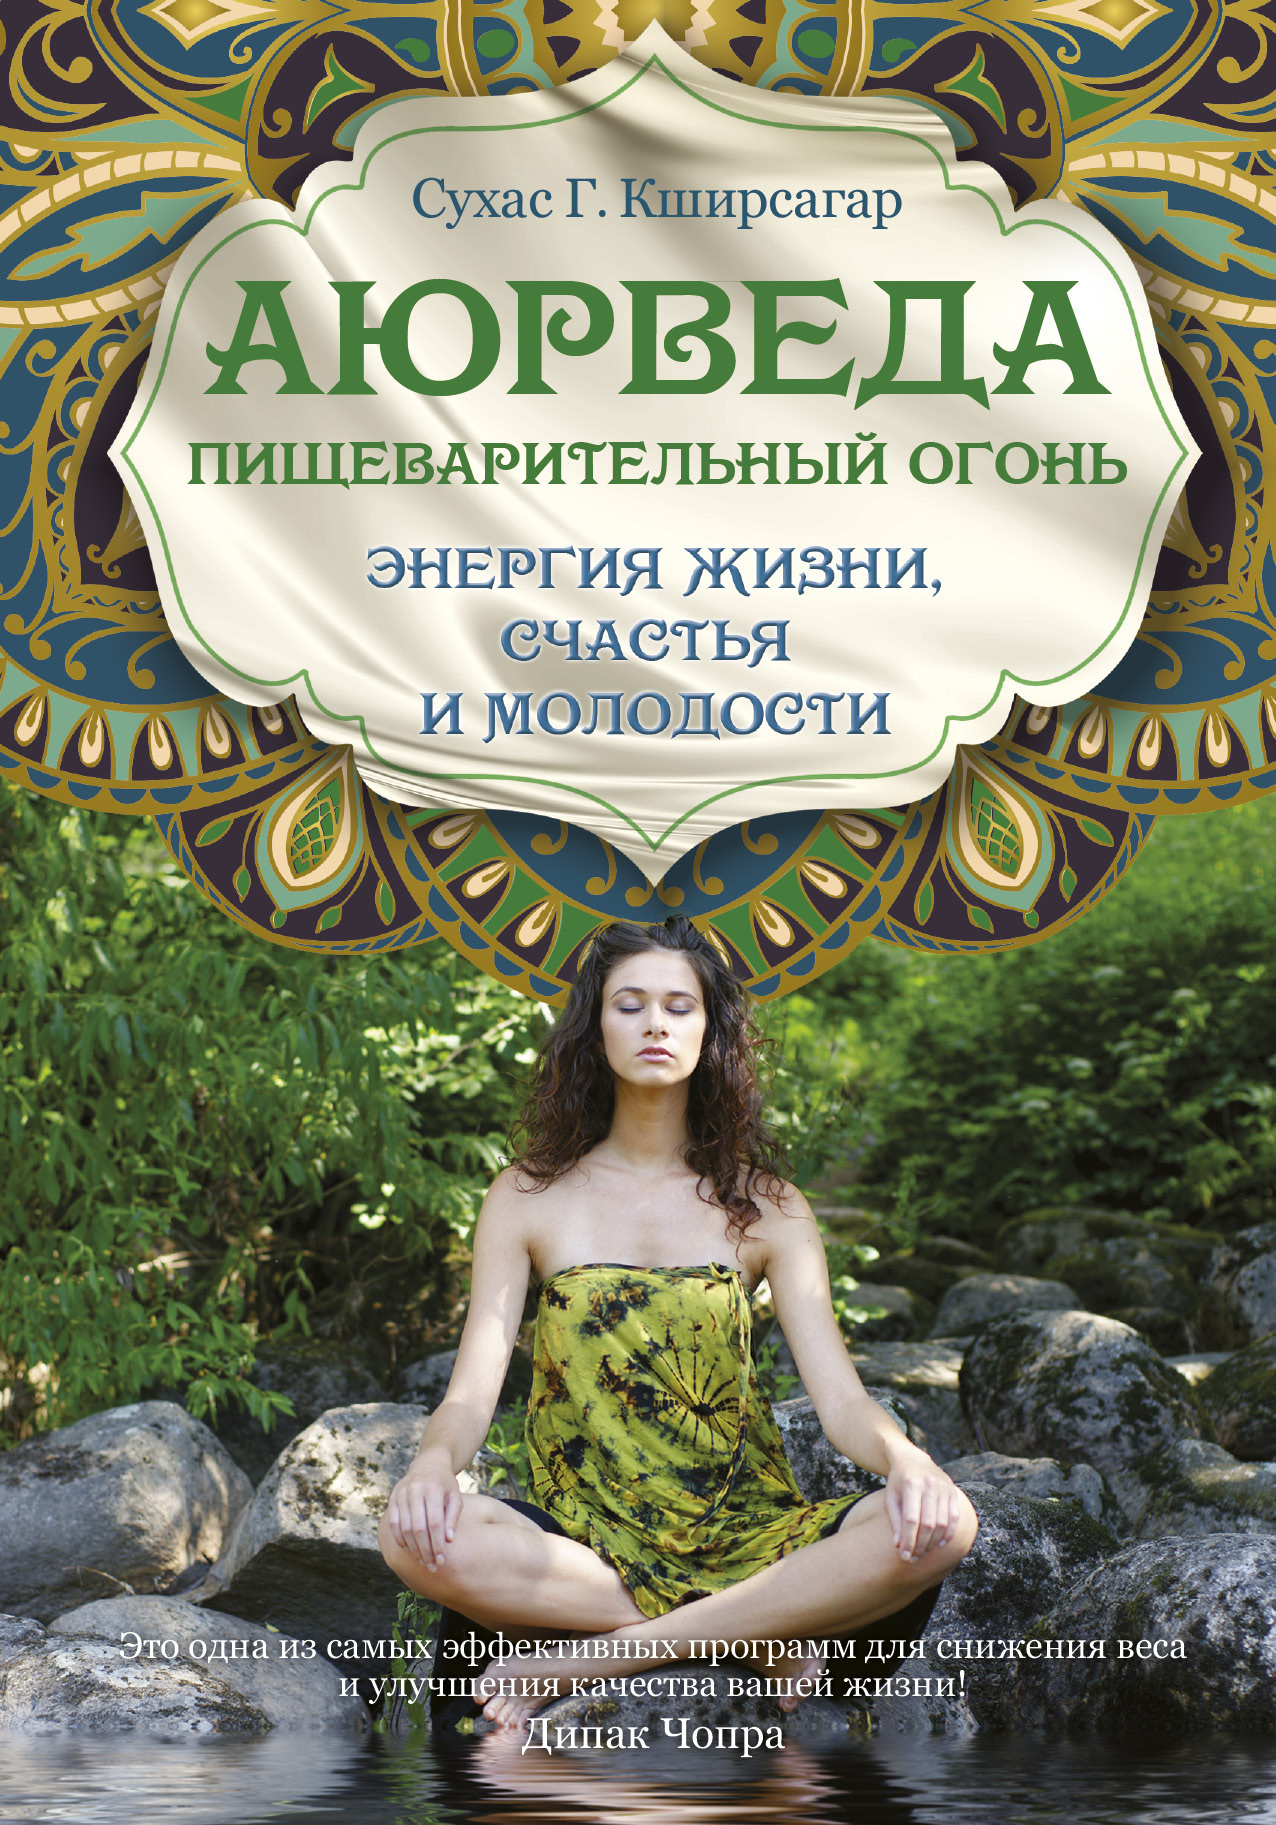 Аюрведа. Пищеварительный огонь - энергия жизни, счастья и молодости от book24.ru